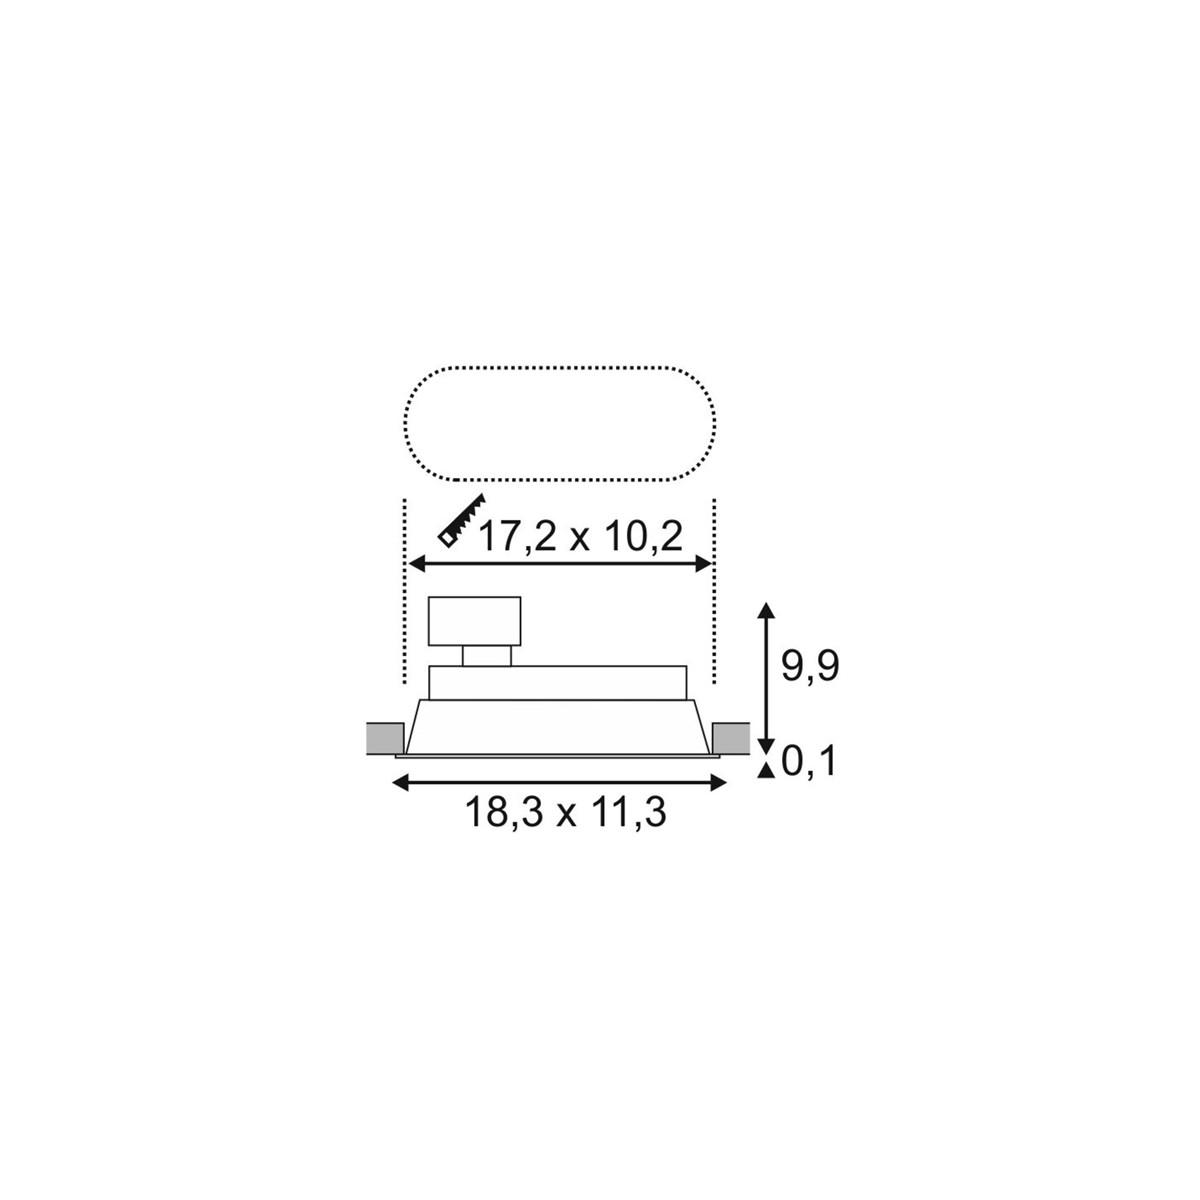 SPOTLINE/SLV HORN 2 TURNO GU10 Wbudowana. Owalna. Biały mat max. 2x 50W 113111 Wpust